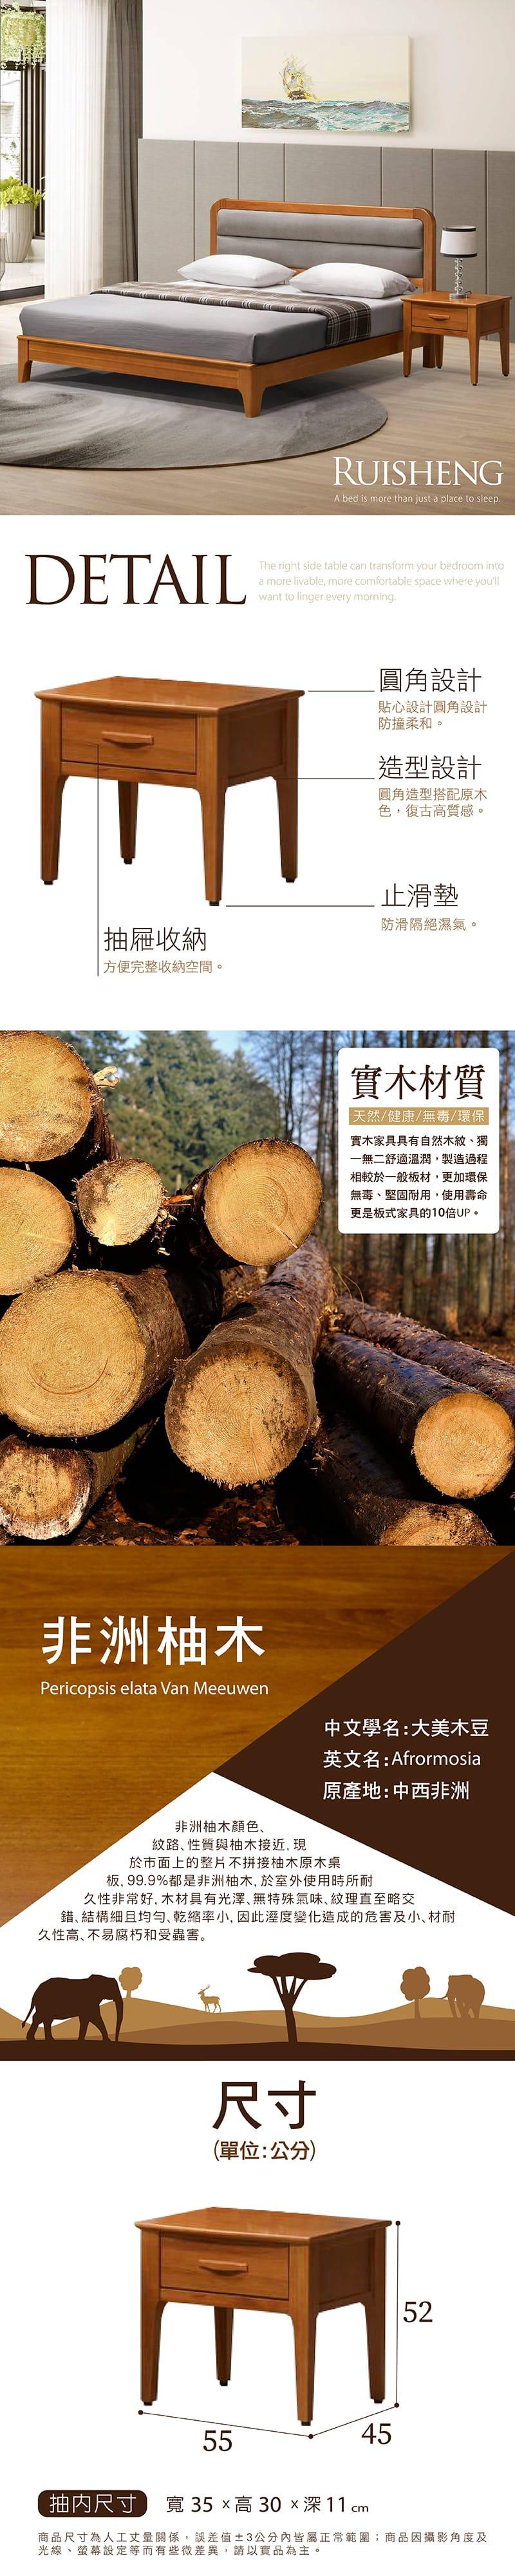 實木收納置物床頭櫃 寬55cm【森島】